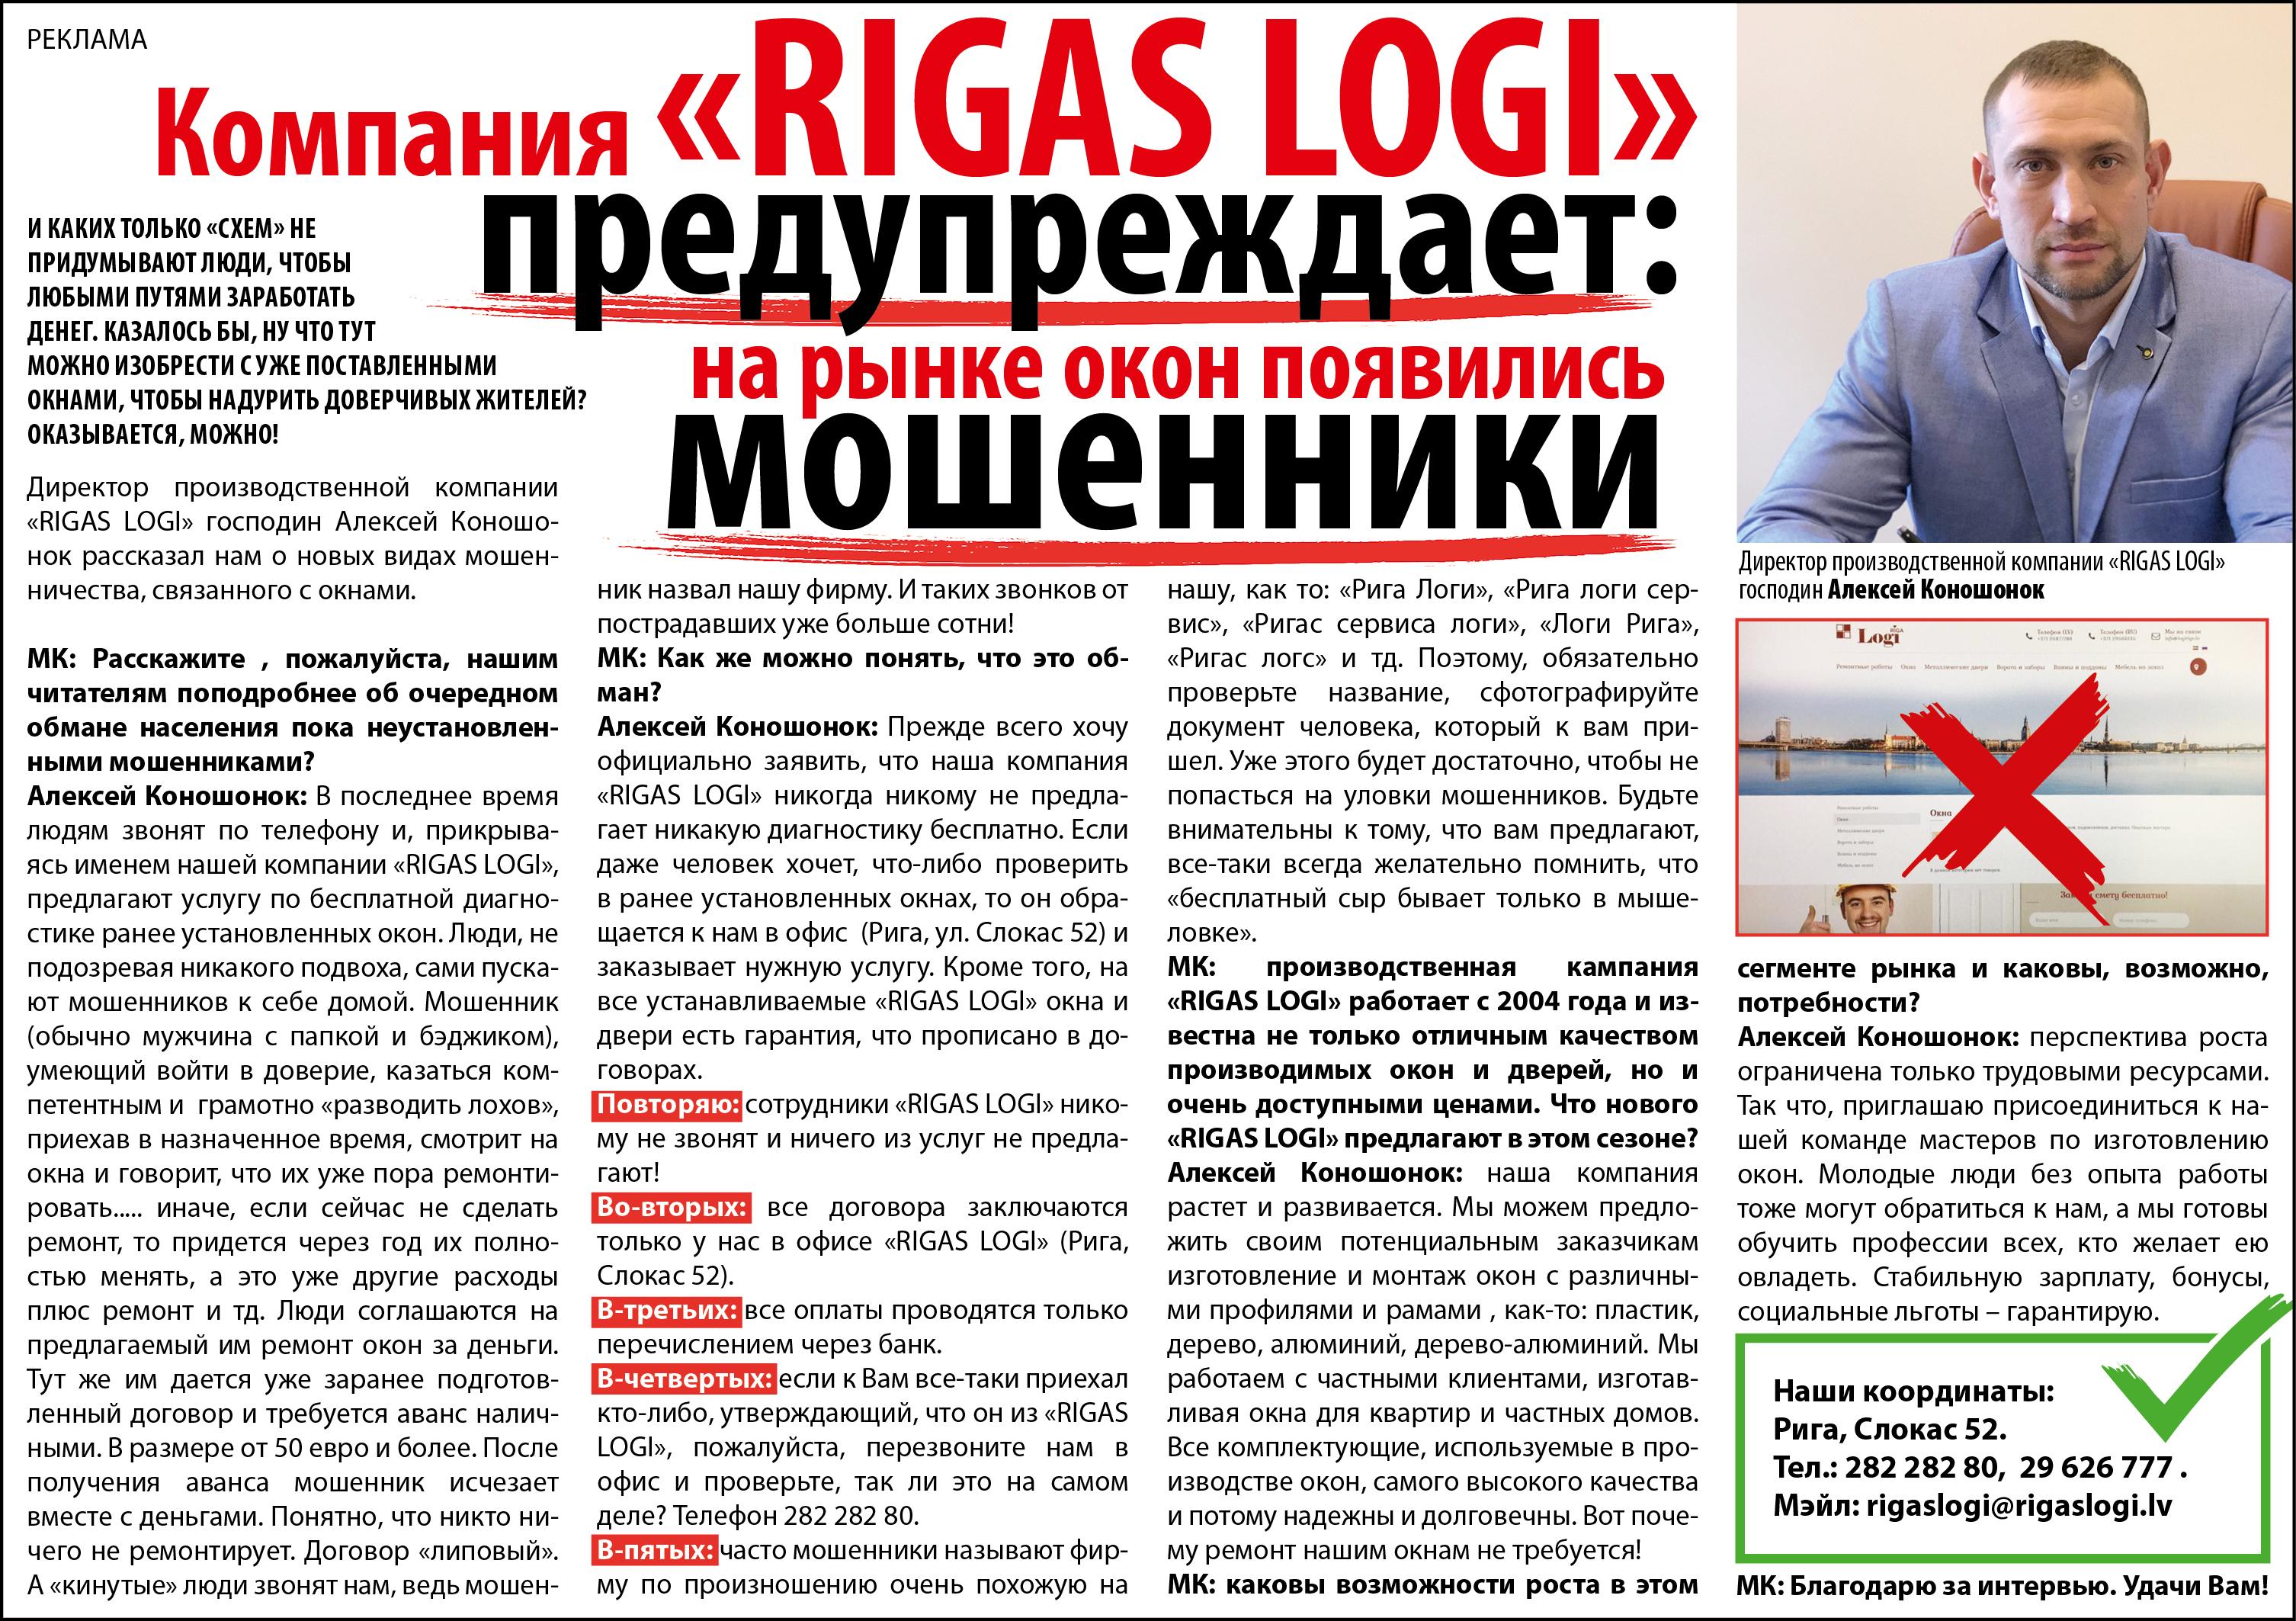 Компания «RIGAS LOGI» предупреждает: на рынке окон появились мошенники